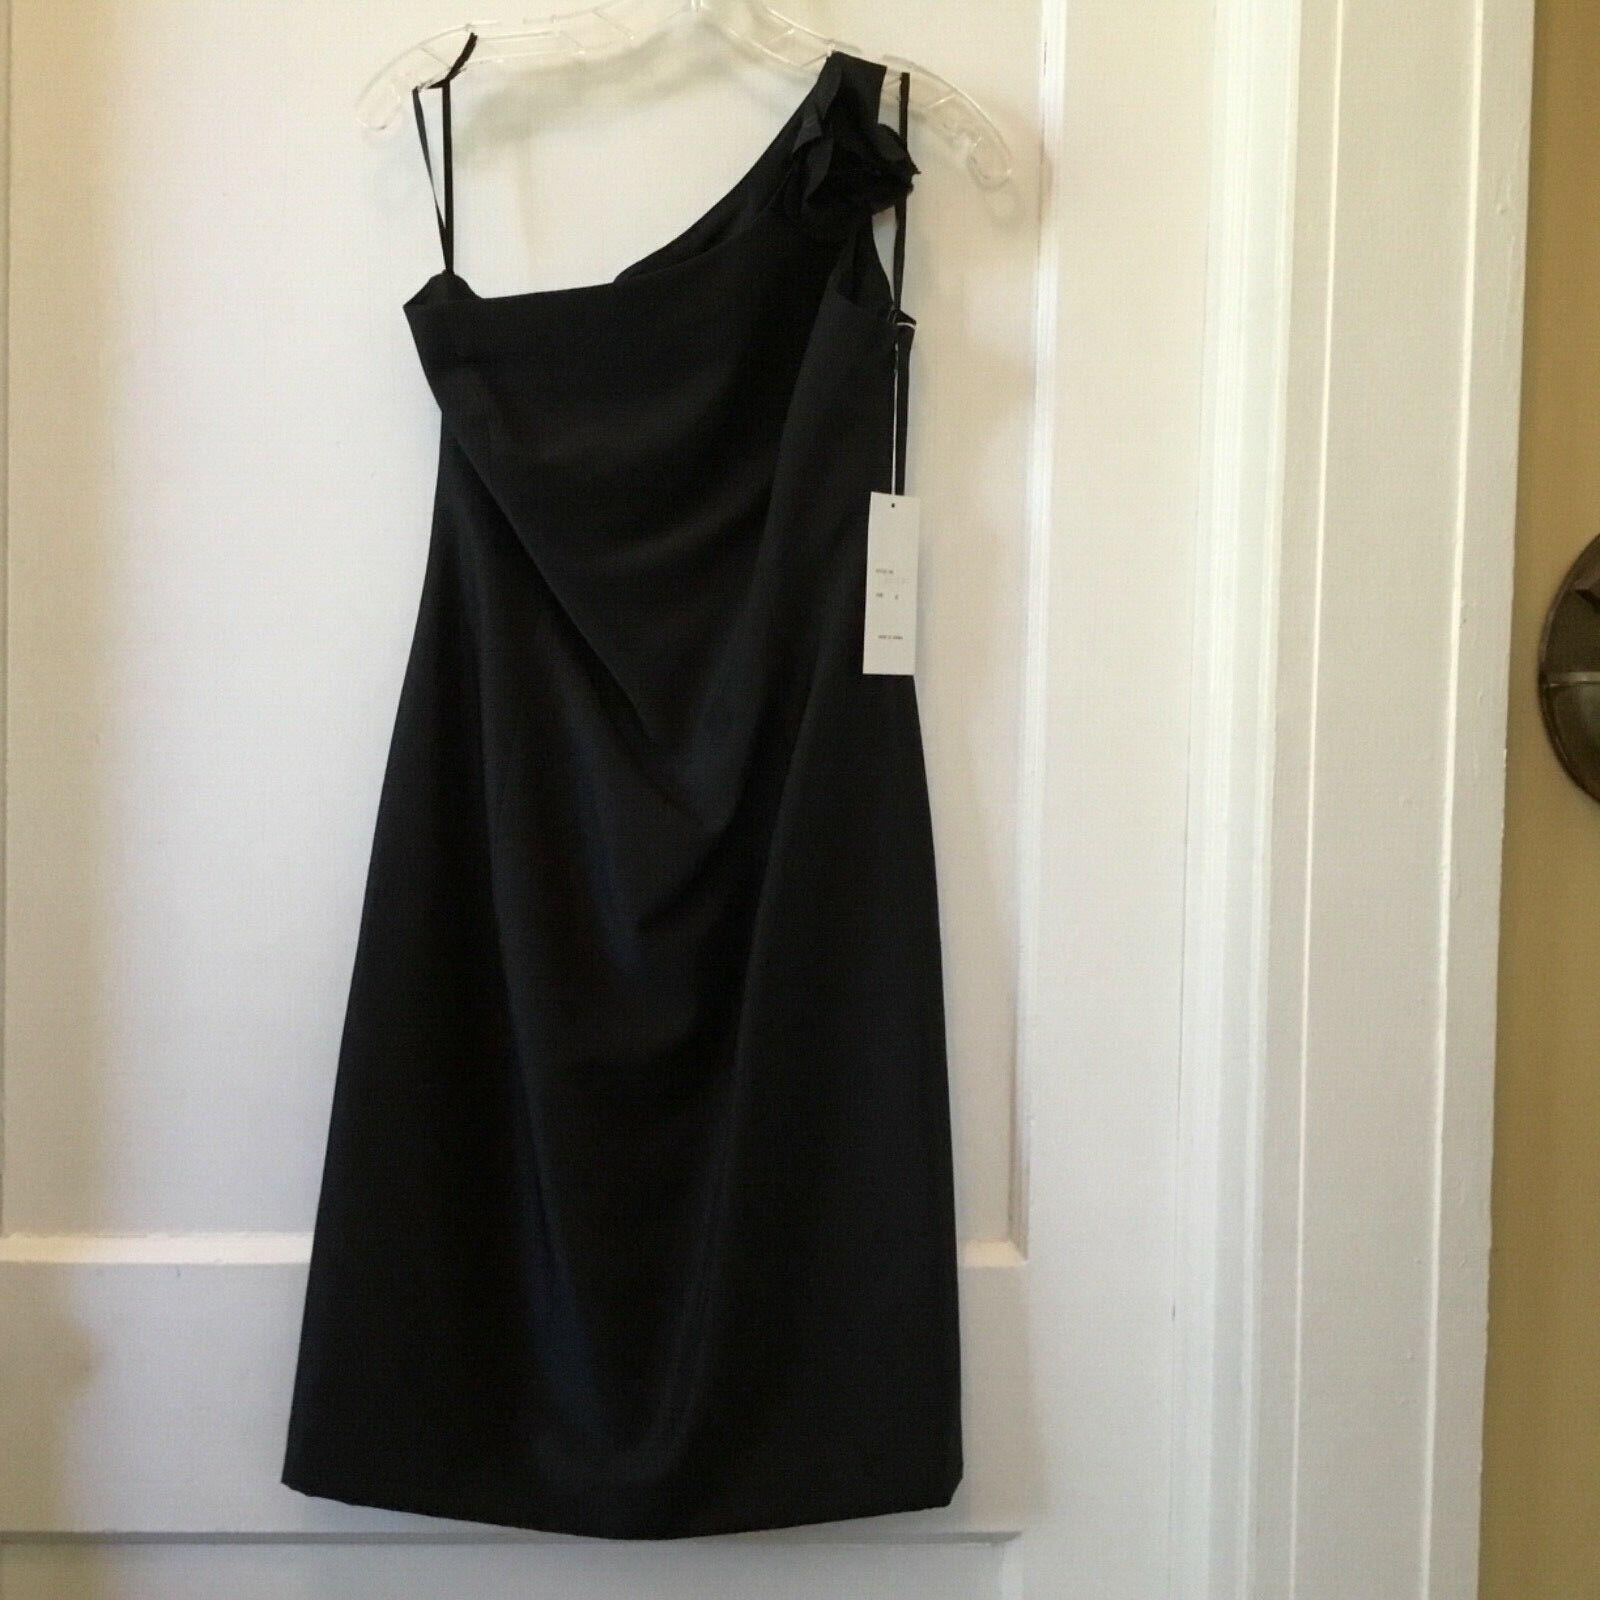 damen's Kay Unger One Shoulder schwarz 100% Silk Cocktail Dress Größe 4 NWTs